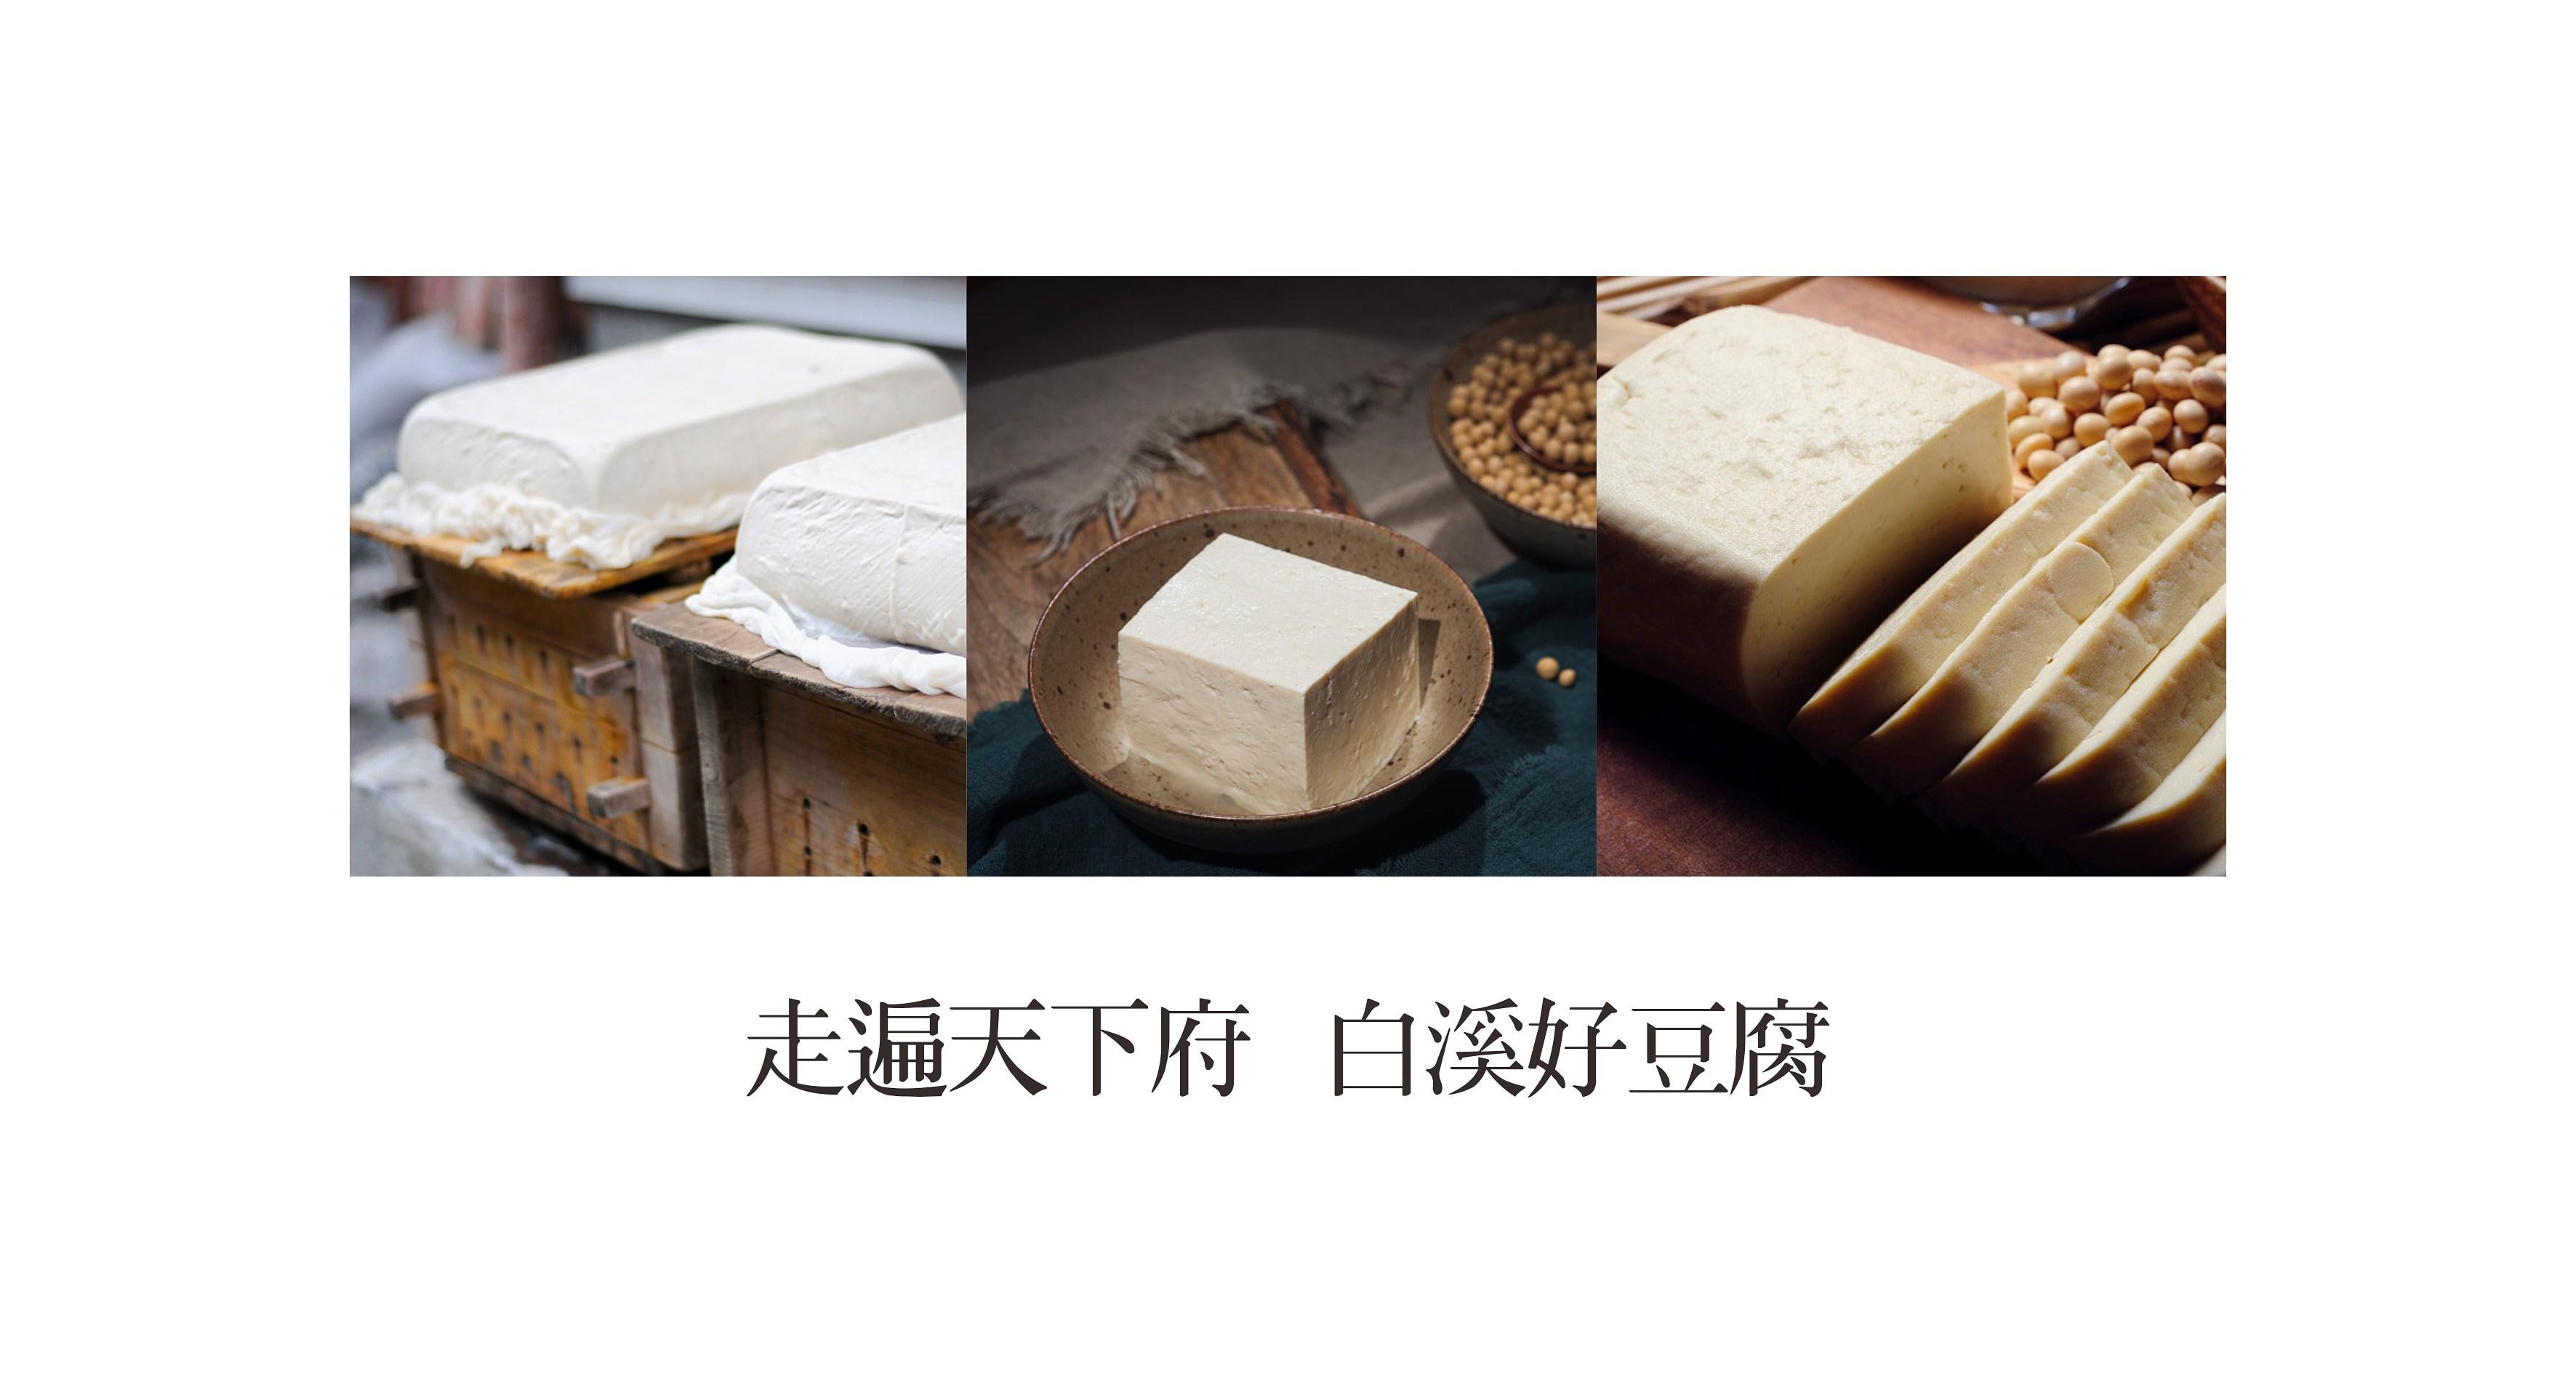 白溪豆腐_0008.JPG